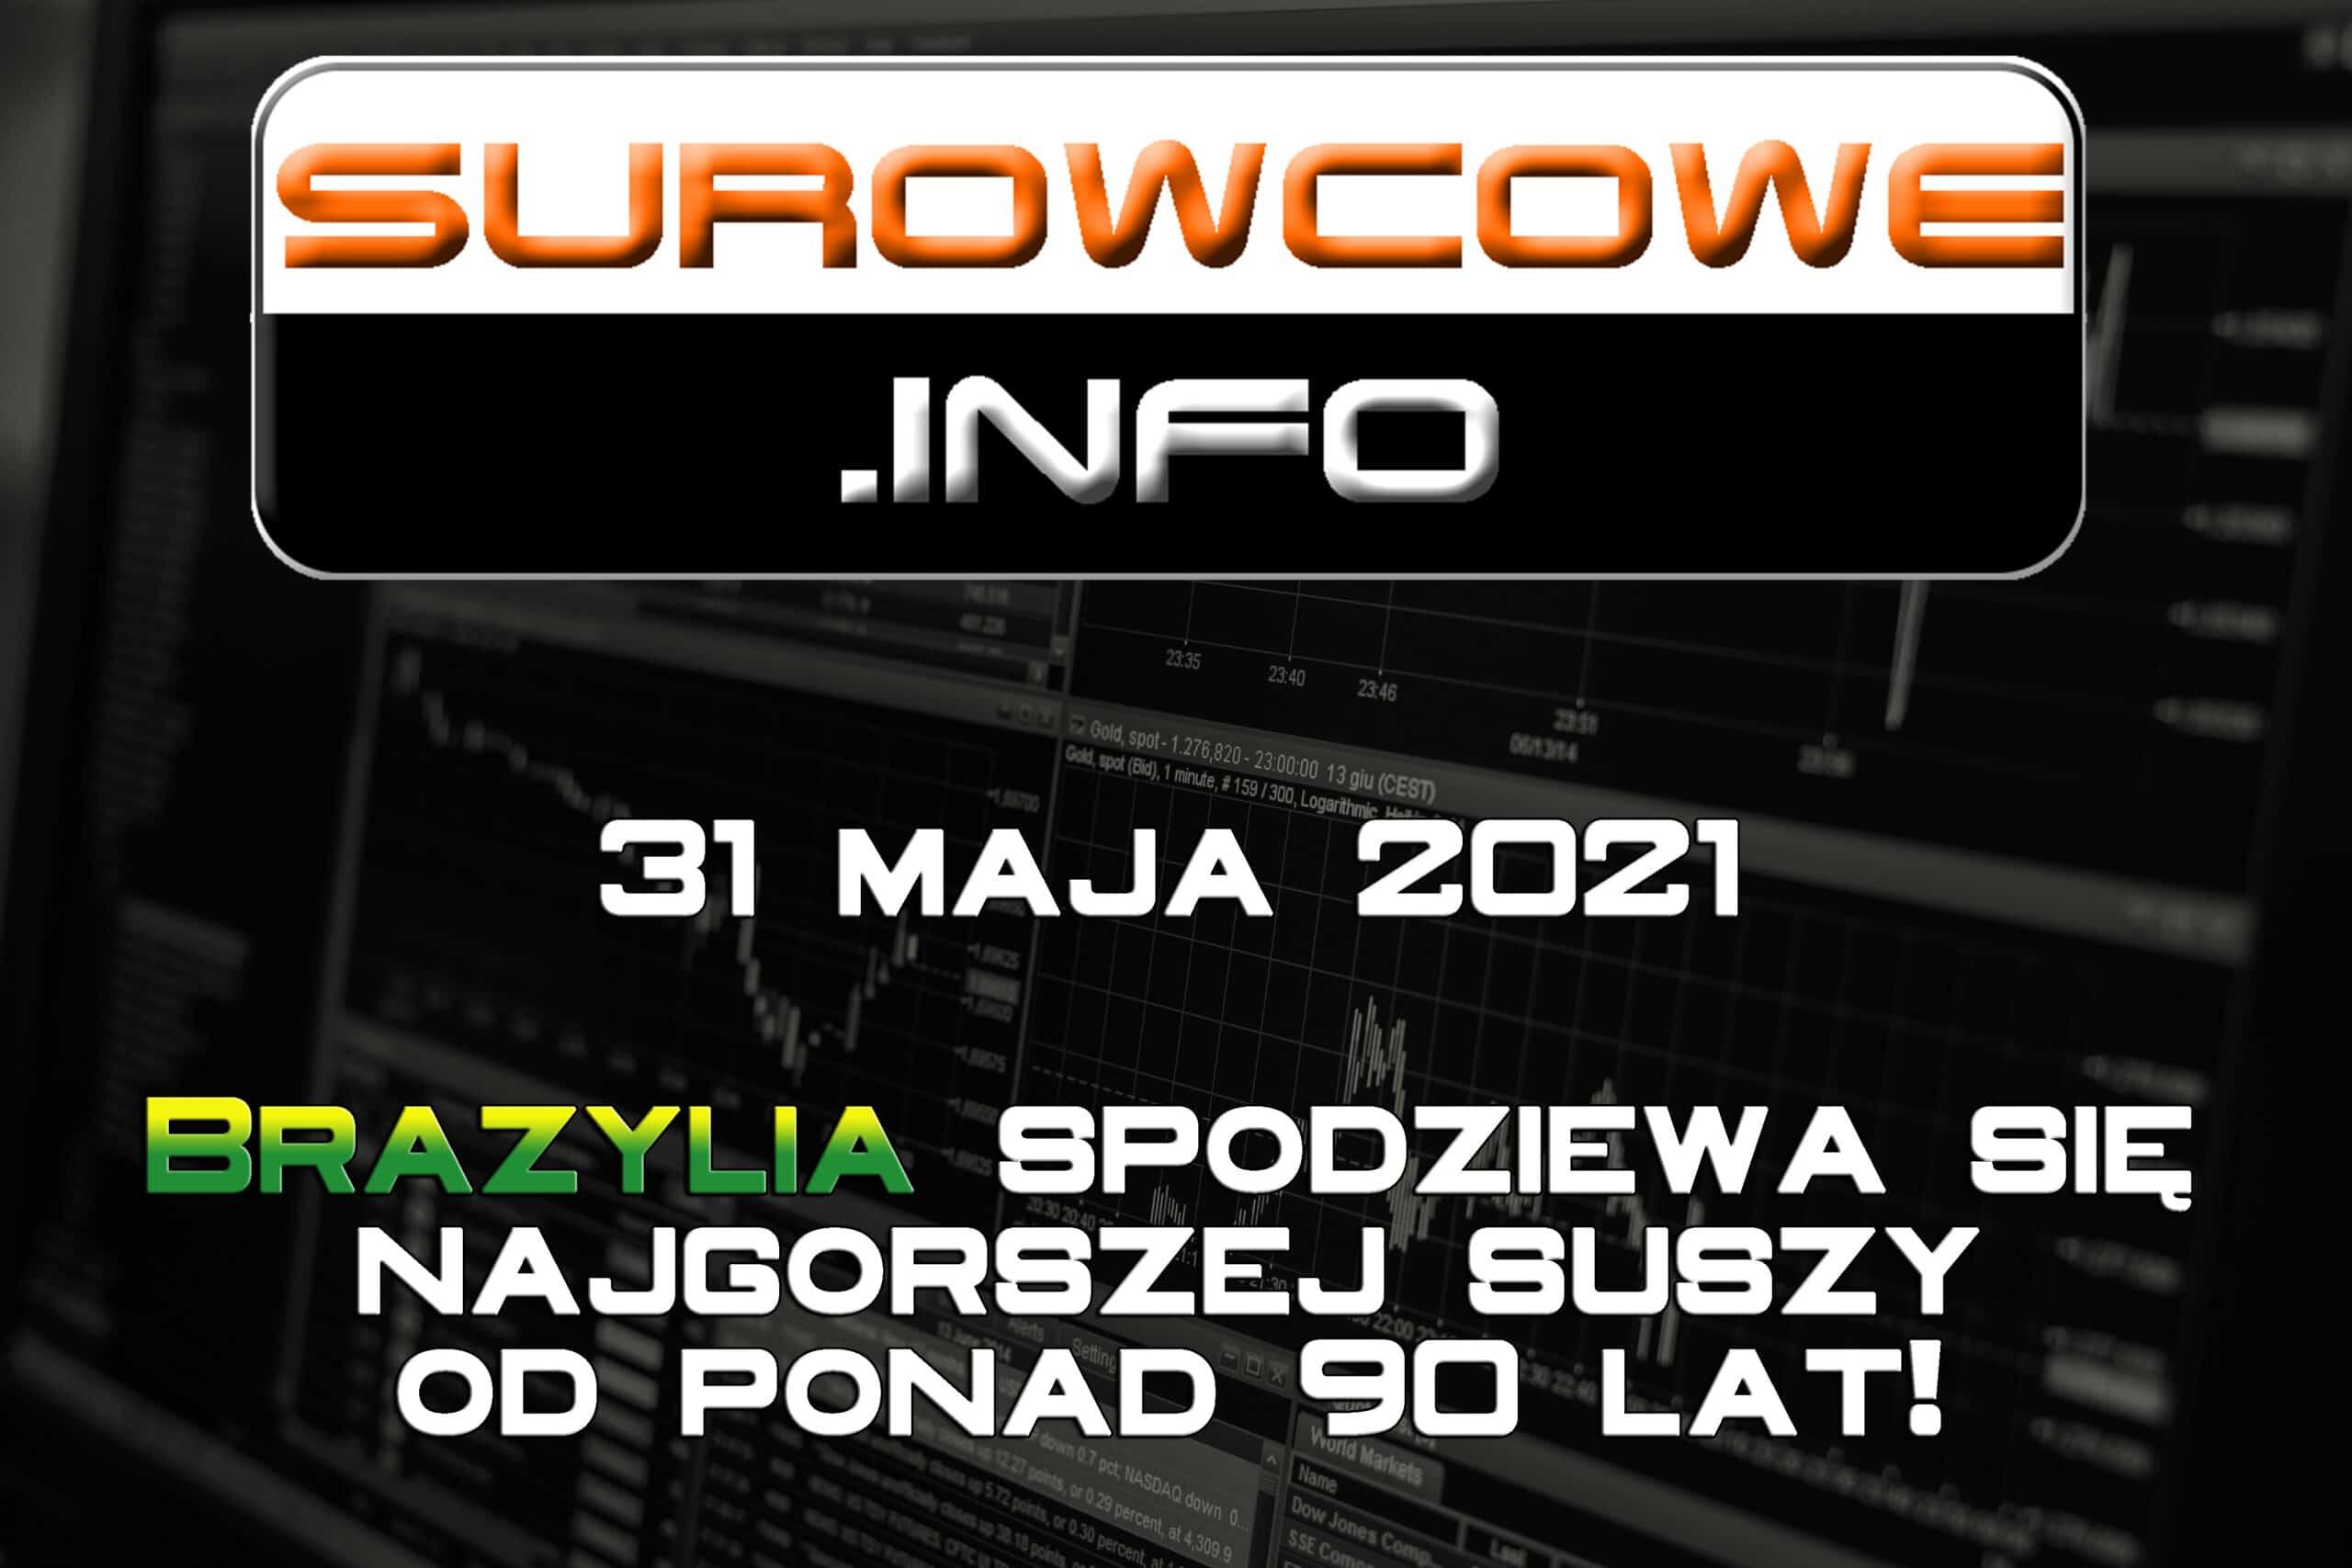 Surowcowe.info 31 maja 2021